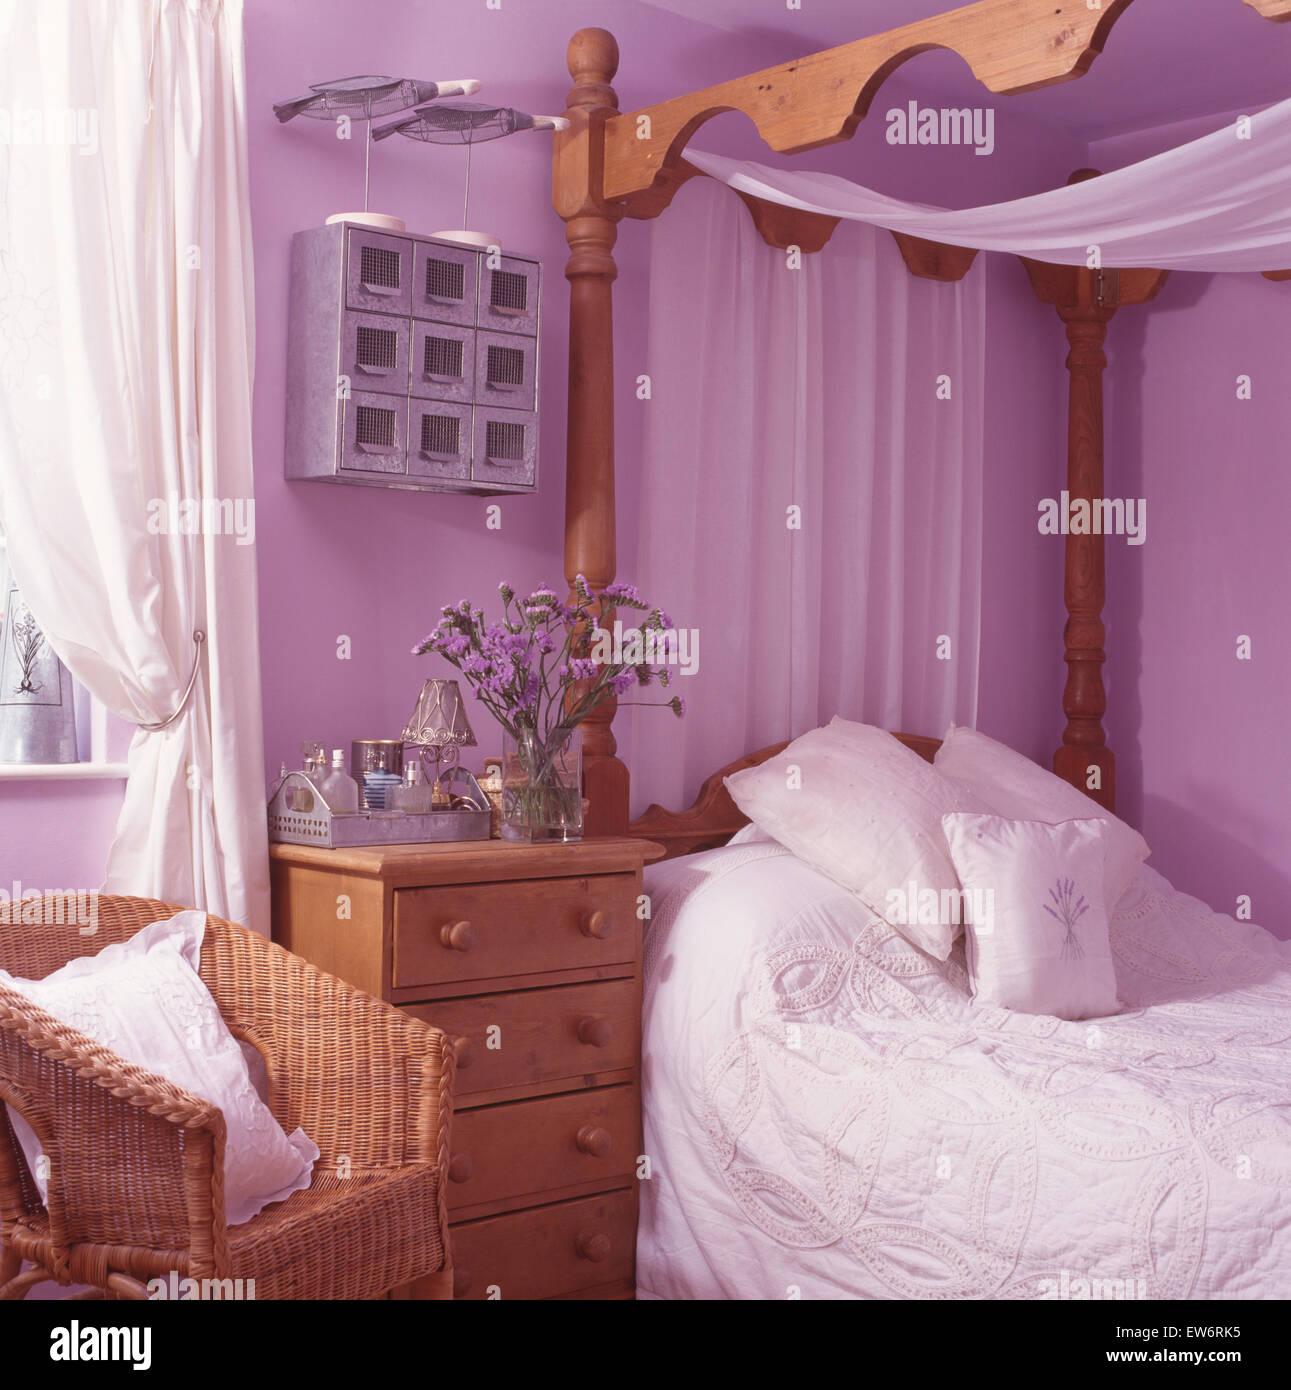 weien voile vorhnge auf kiefer vier himmelbett in einer lila neunziger jahre schlafzimmer mit korbstuhl stockbild - Gotische Himmelbettvorhnge